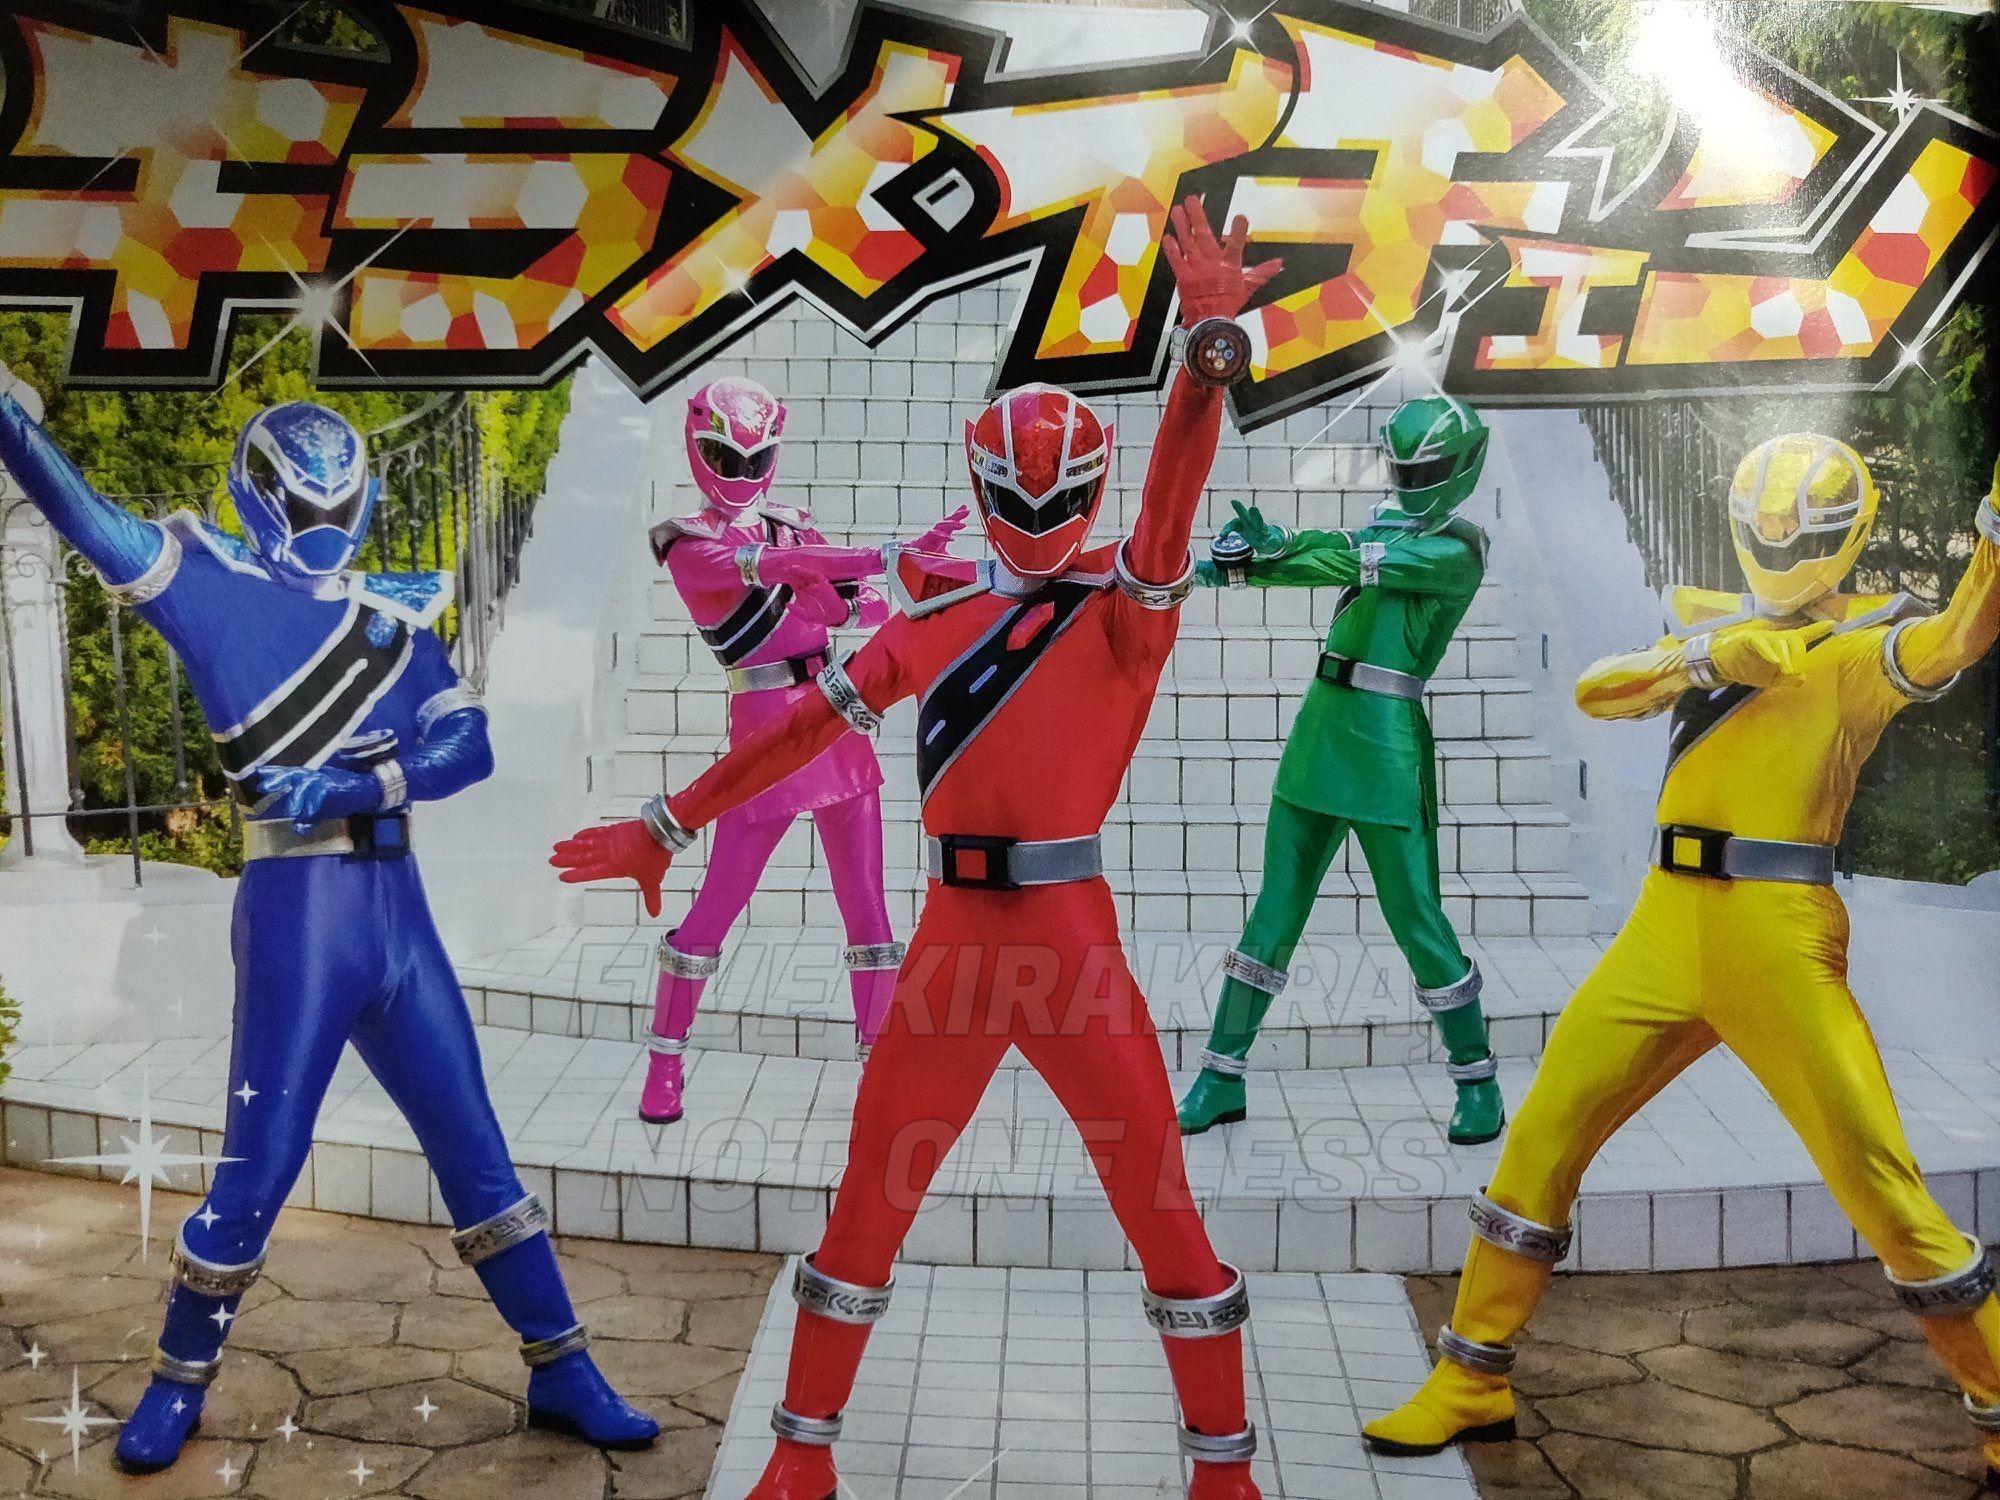 Pin by Kentaro on Super Sentai/Power Rangers Power